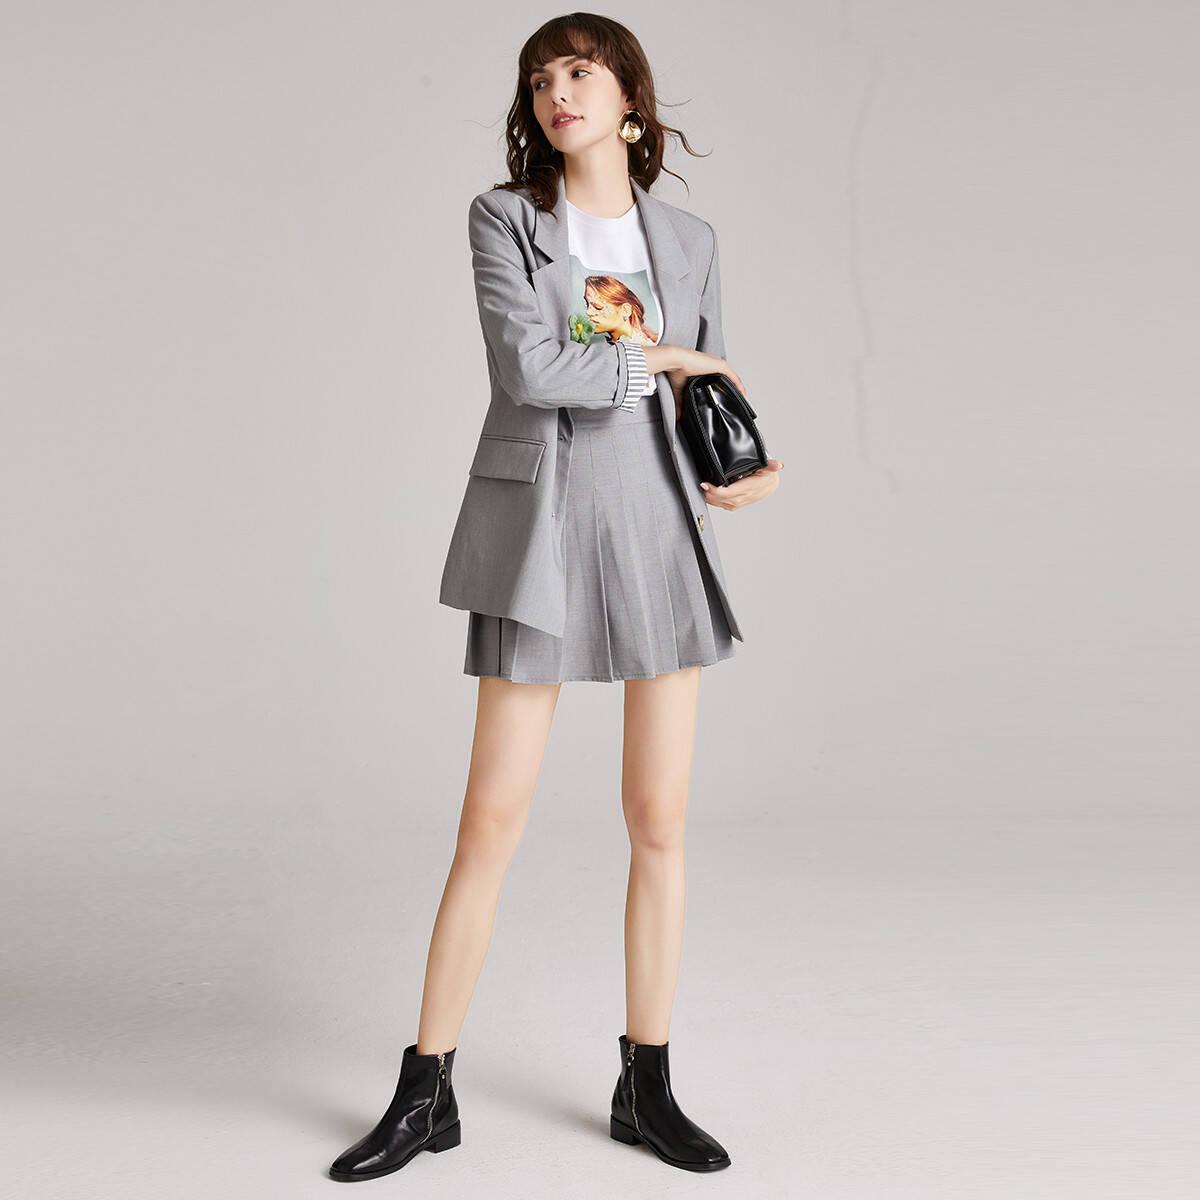 打造女性的私人衣柜 常德戈蔓婷女装加盟极具市场潜力